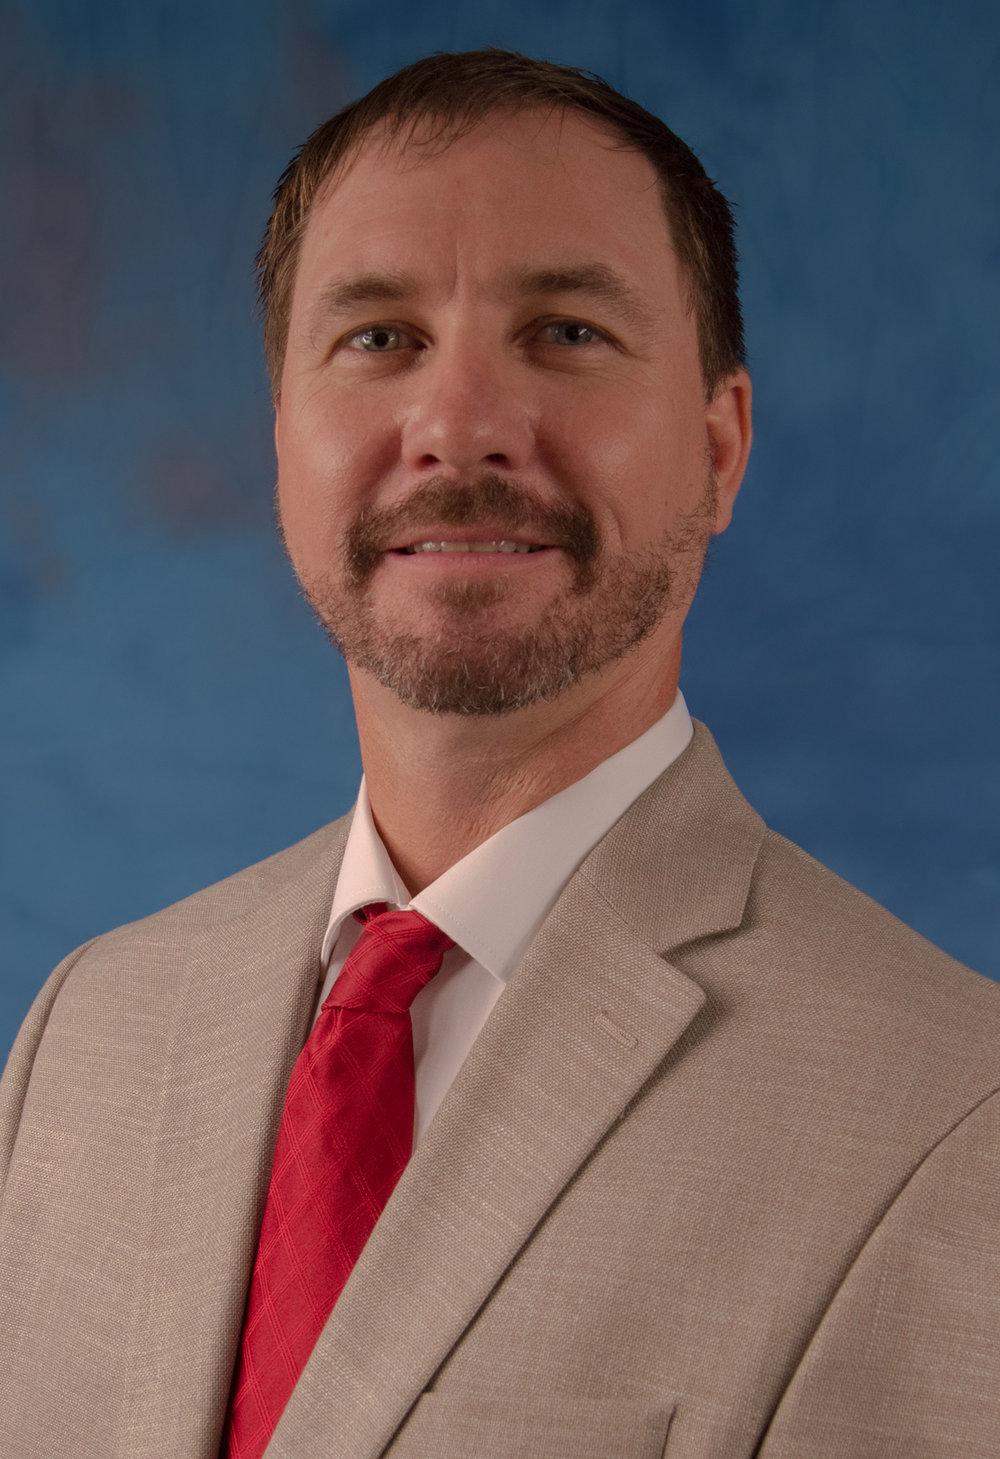 Kevin Bussinger